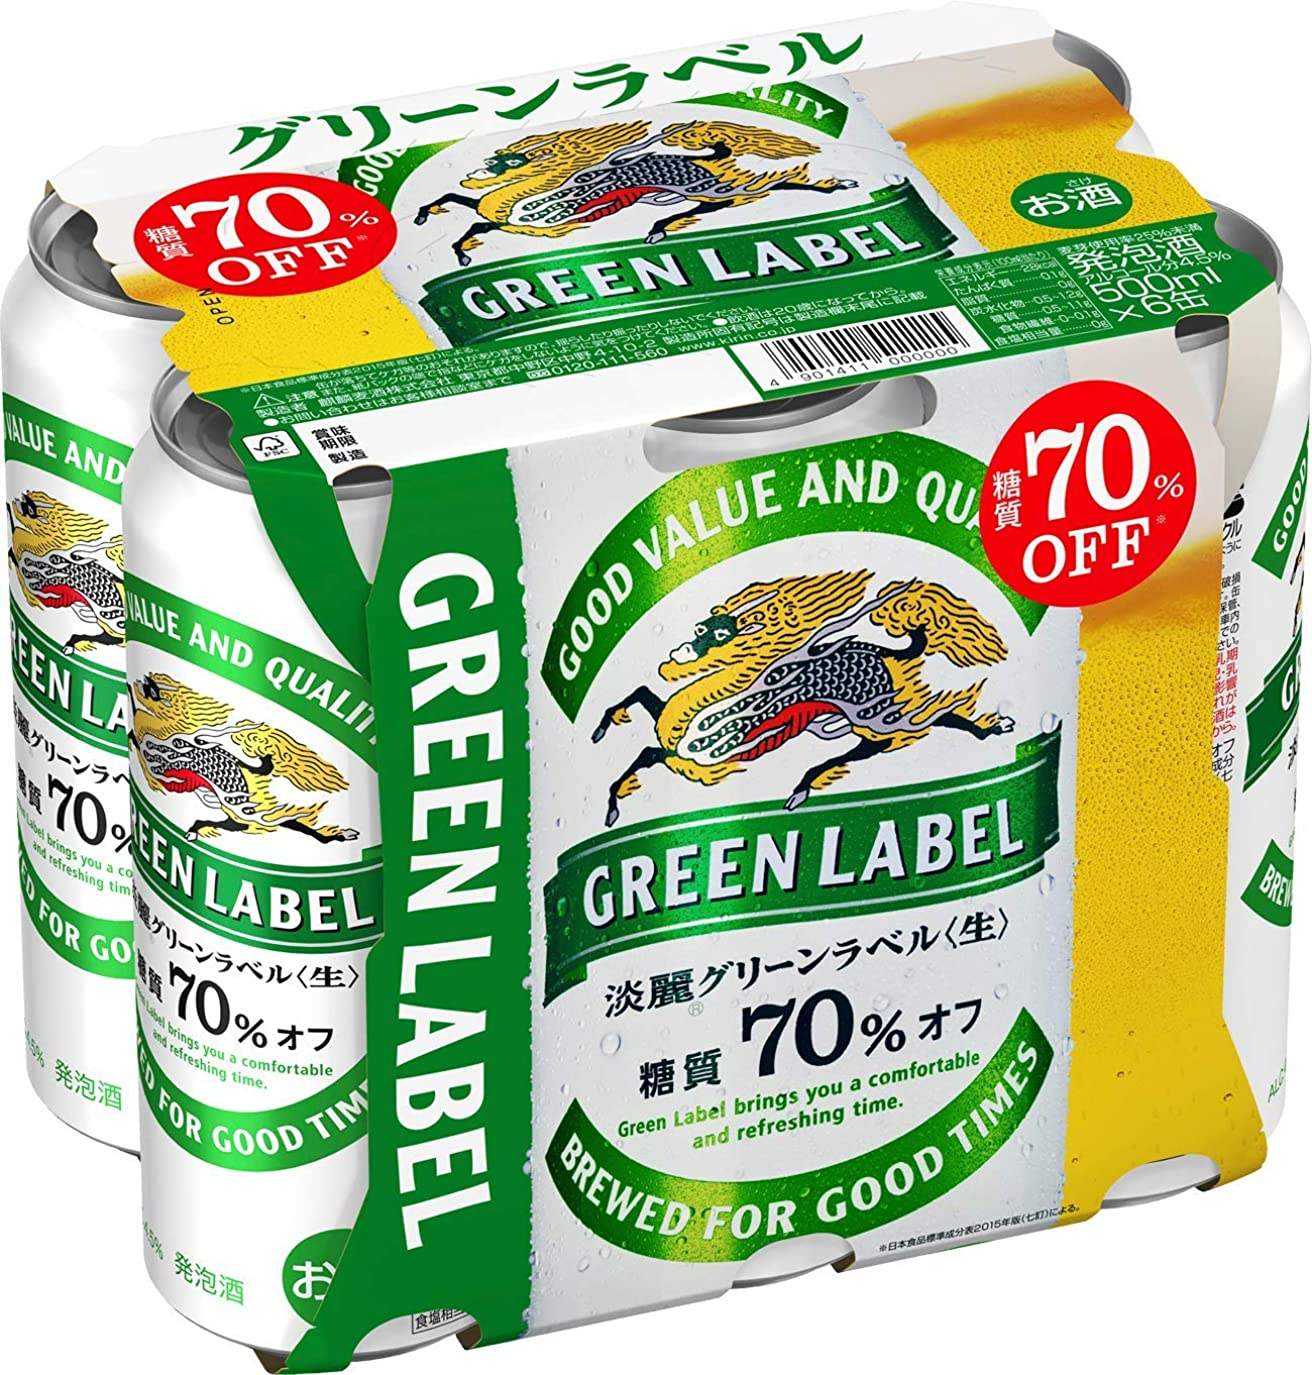 環境東部放射性キリン 淡麗グリーンラベル 6缶パック 500ml×6本